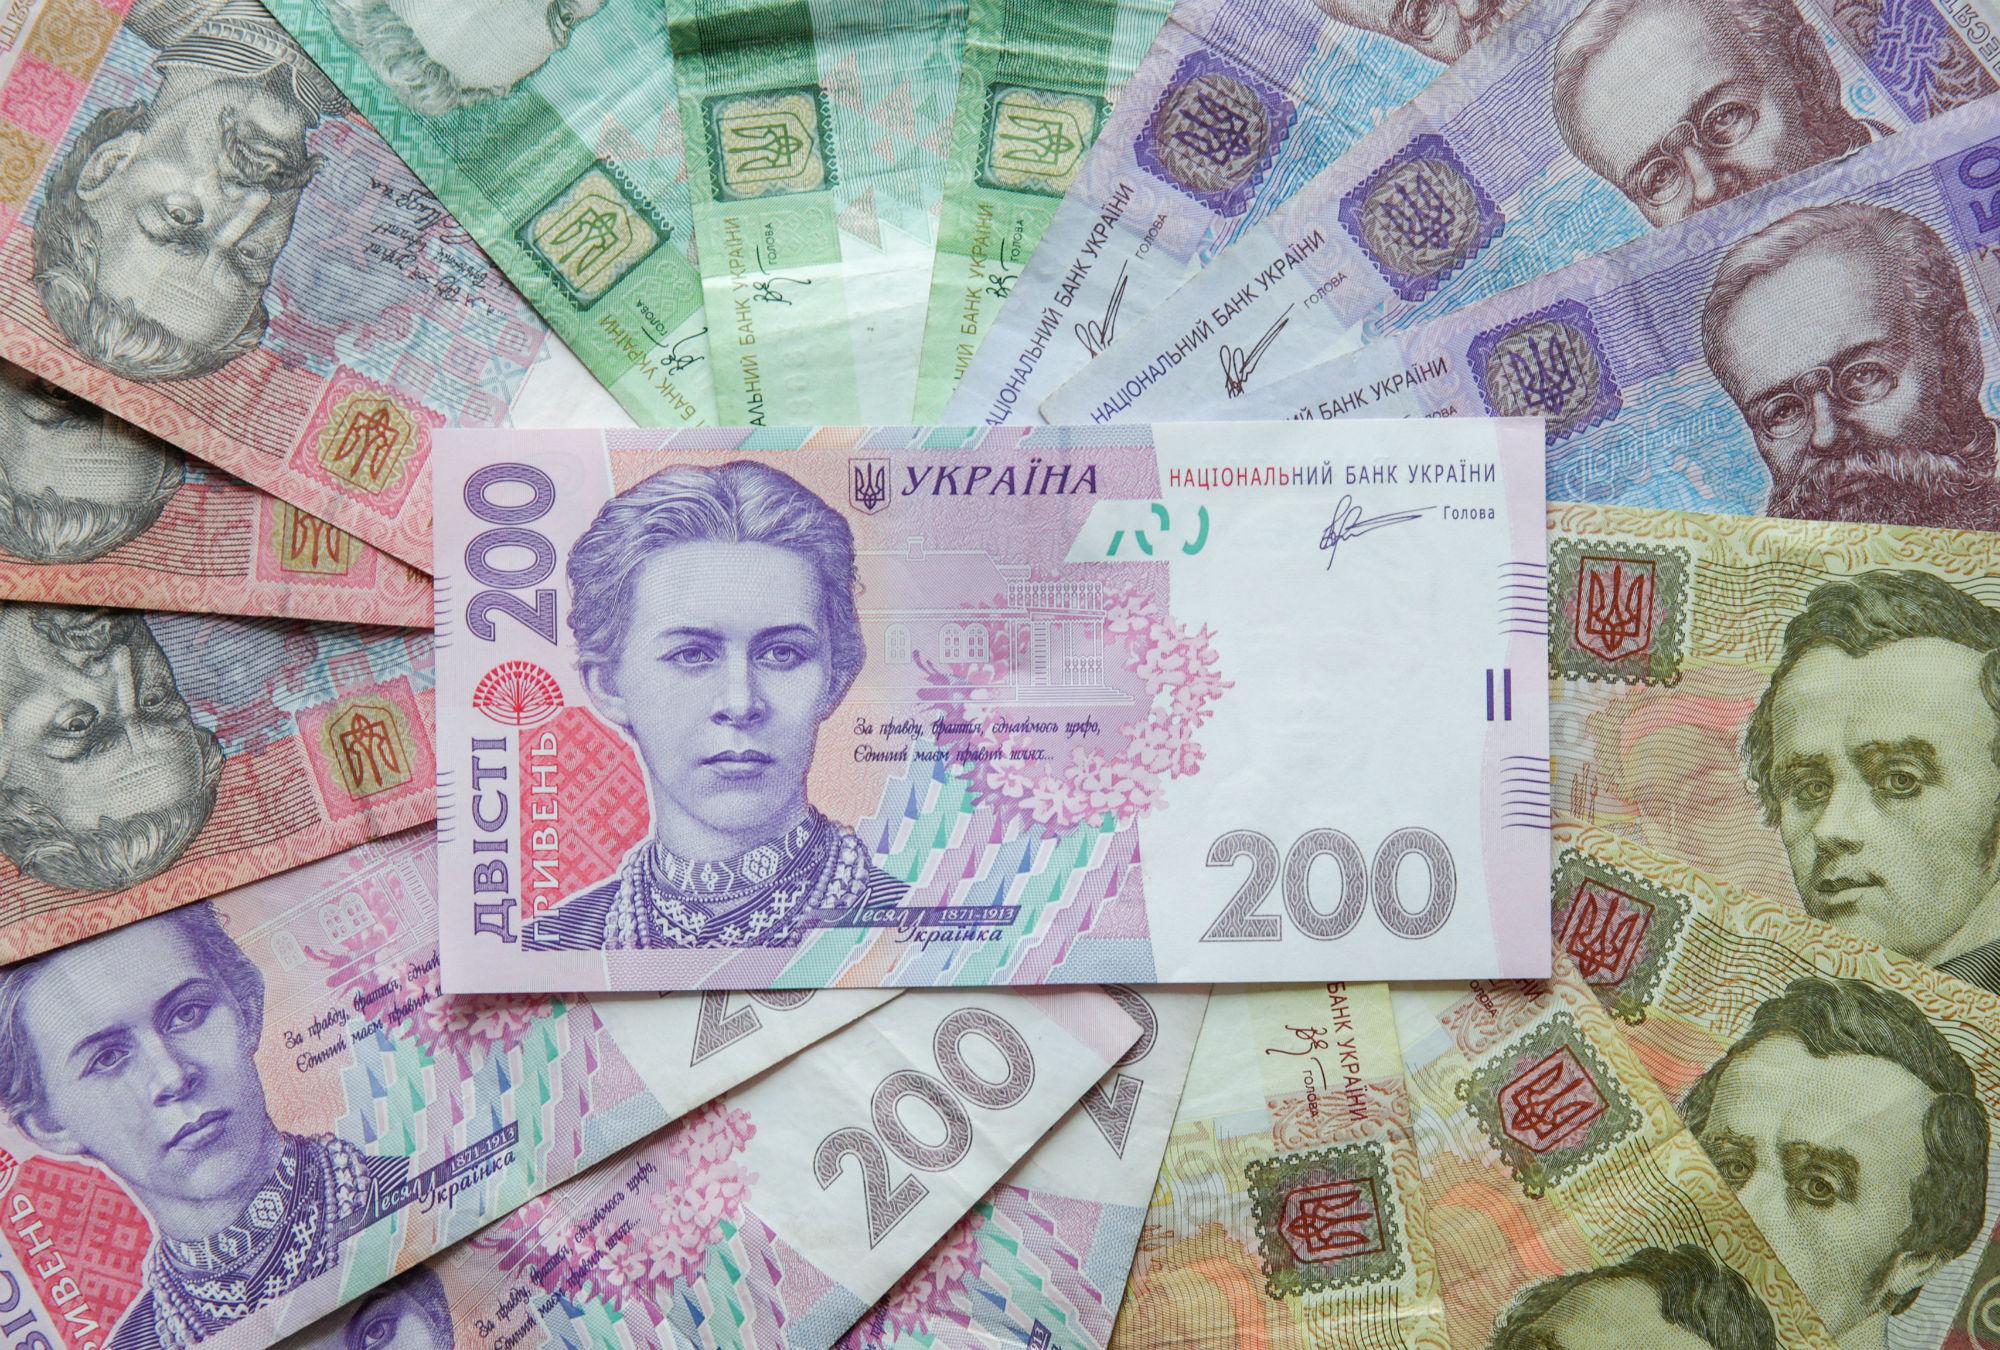 В Киевской области полицейского задержали на получении взятки в размере 4 тыс. гривен